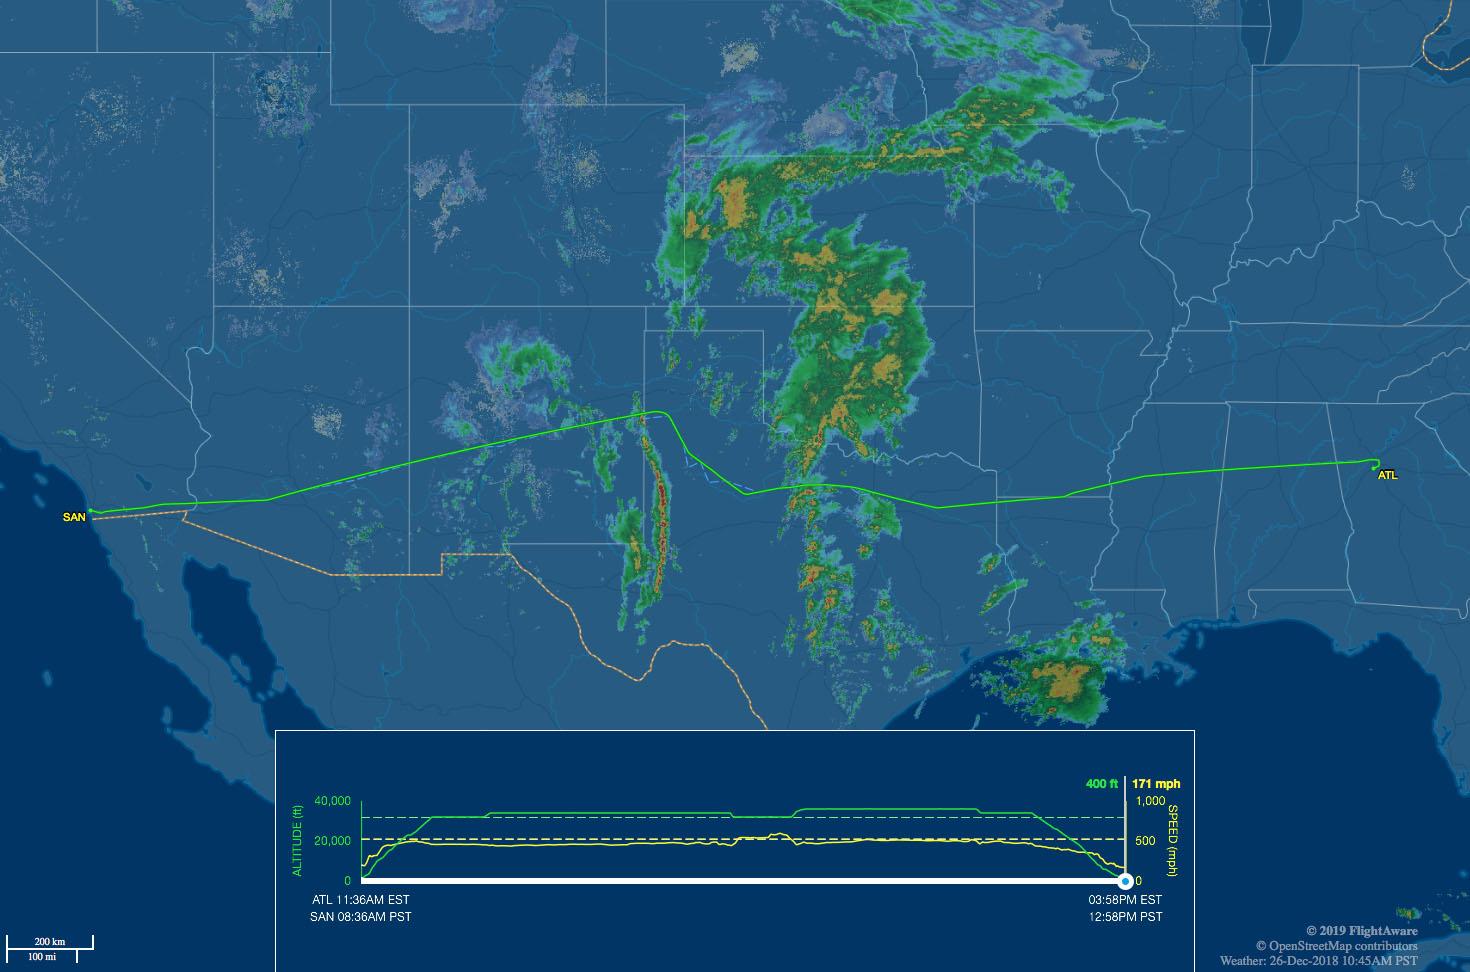 Atlanta to San Diego flight route